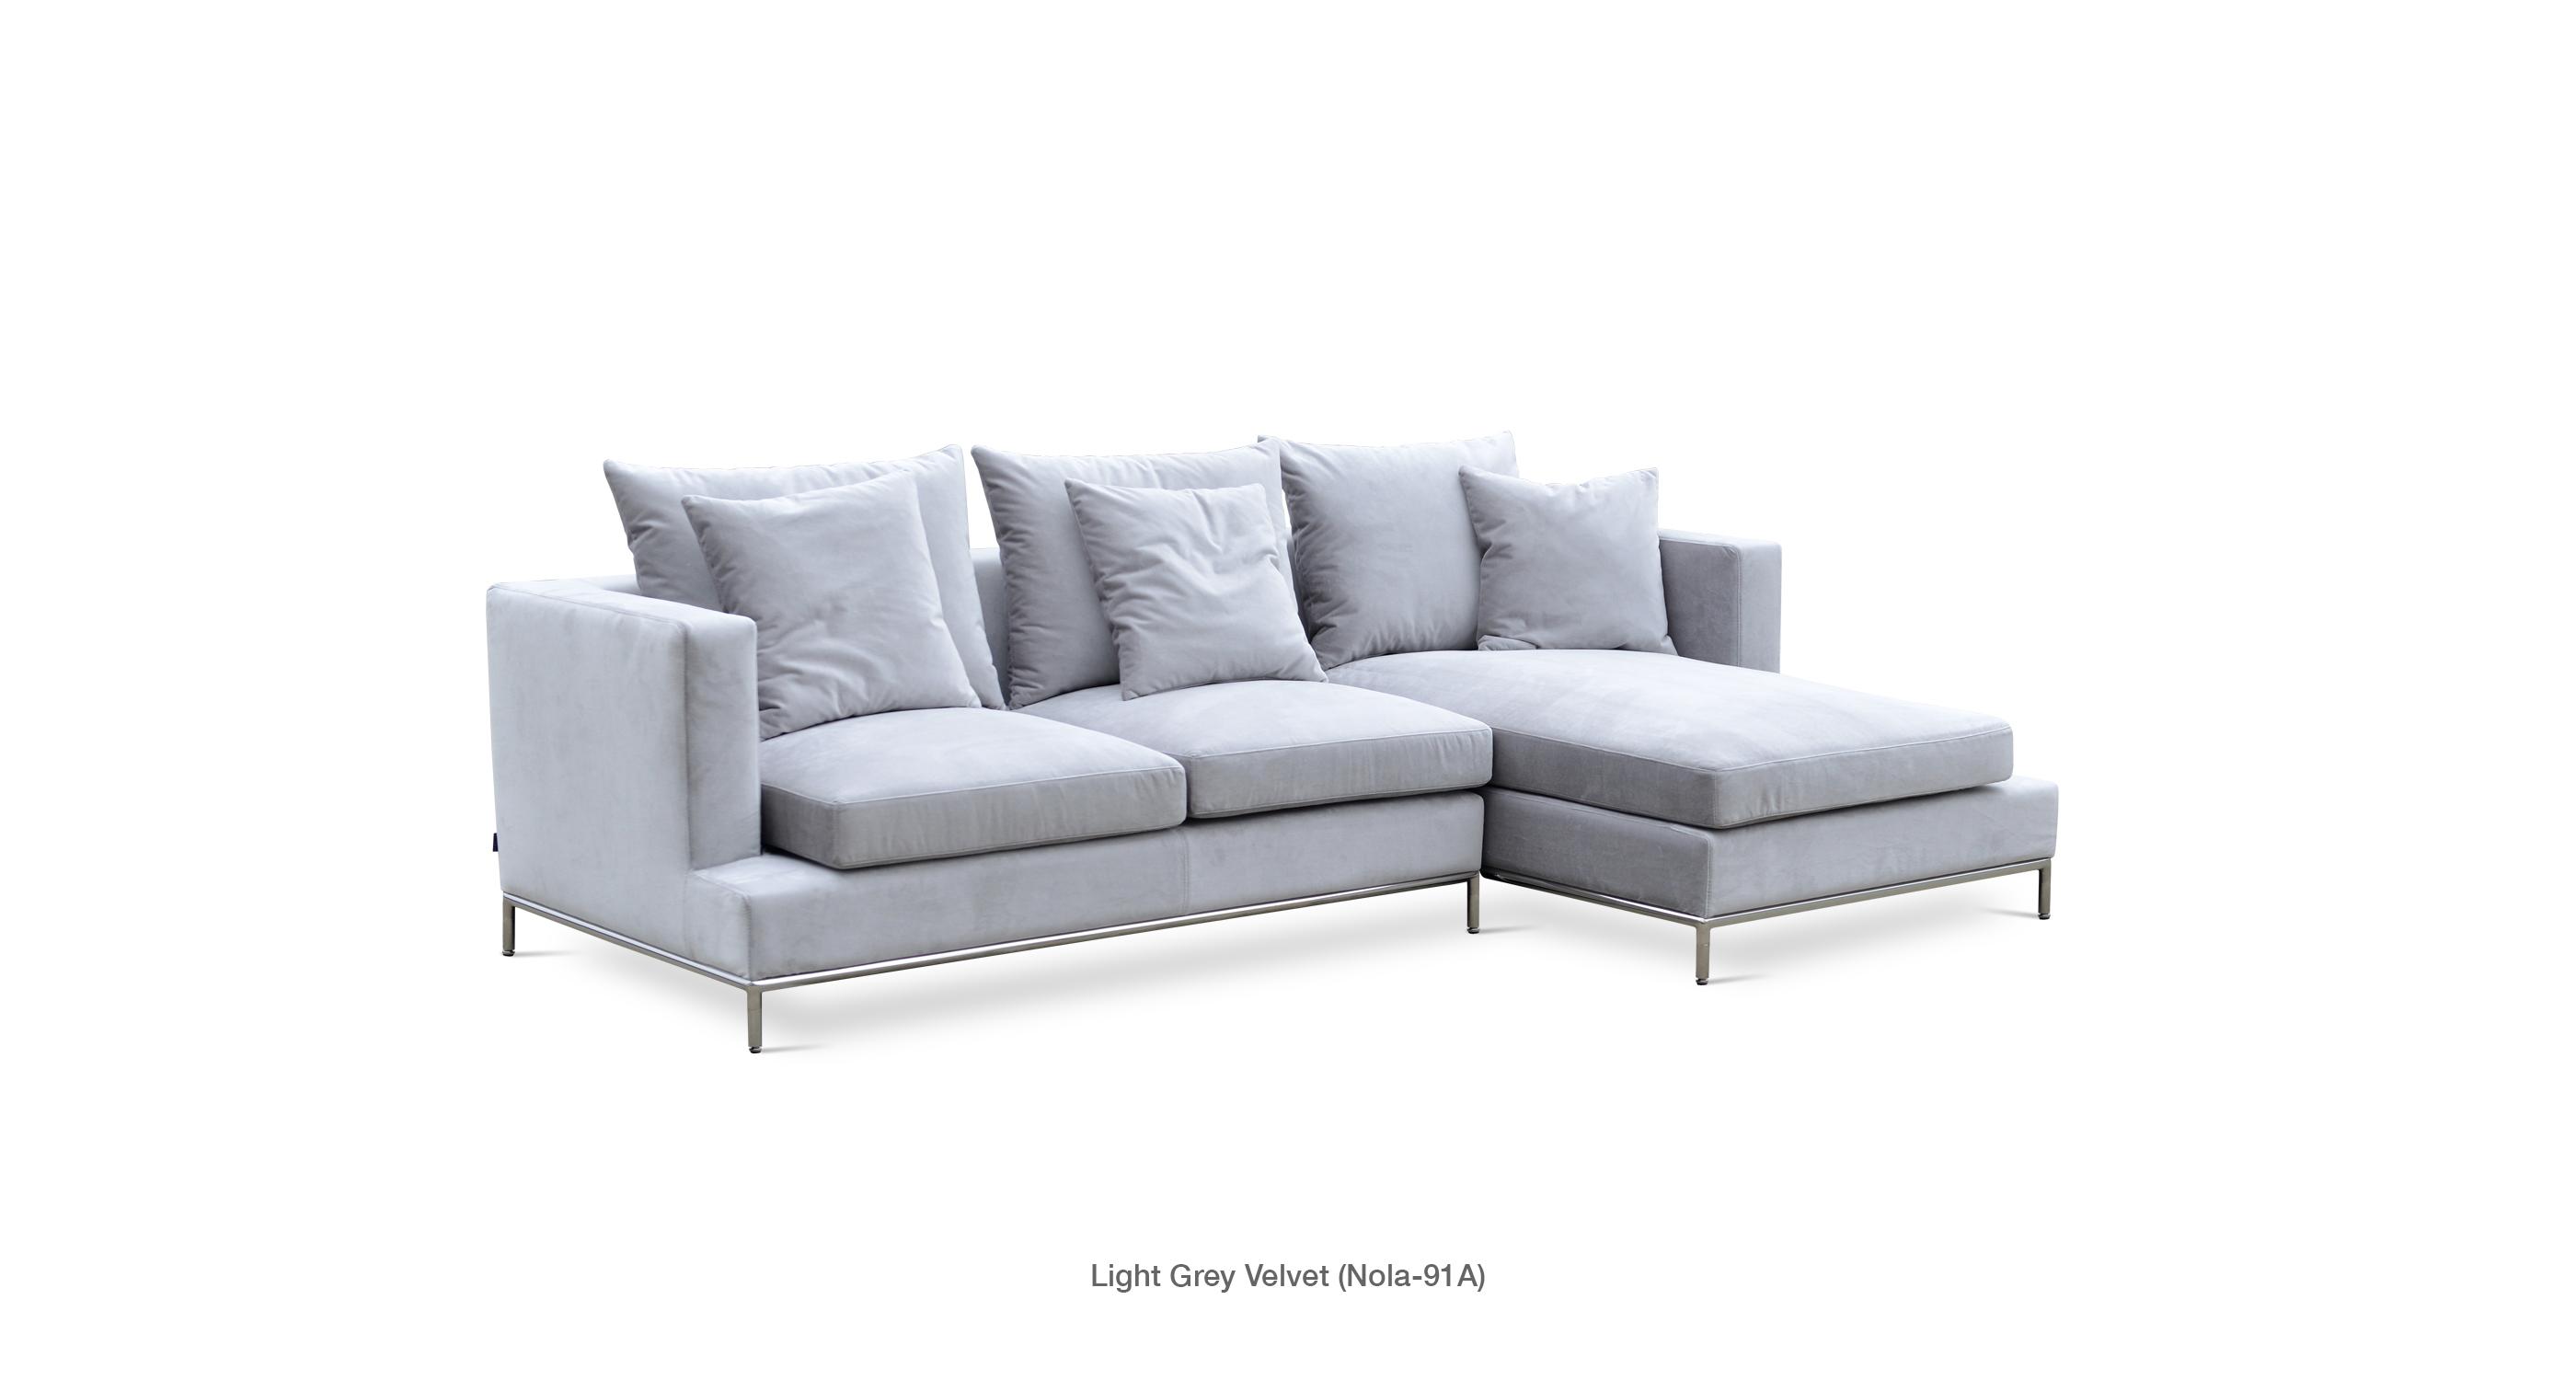 Simena Condo Contemporary Sectional Sofa